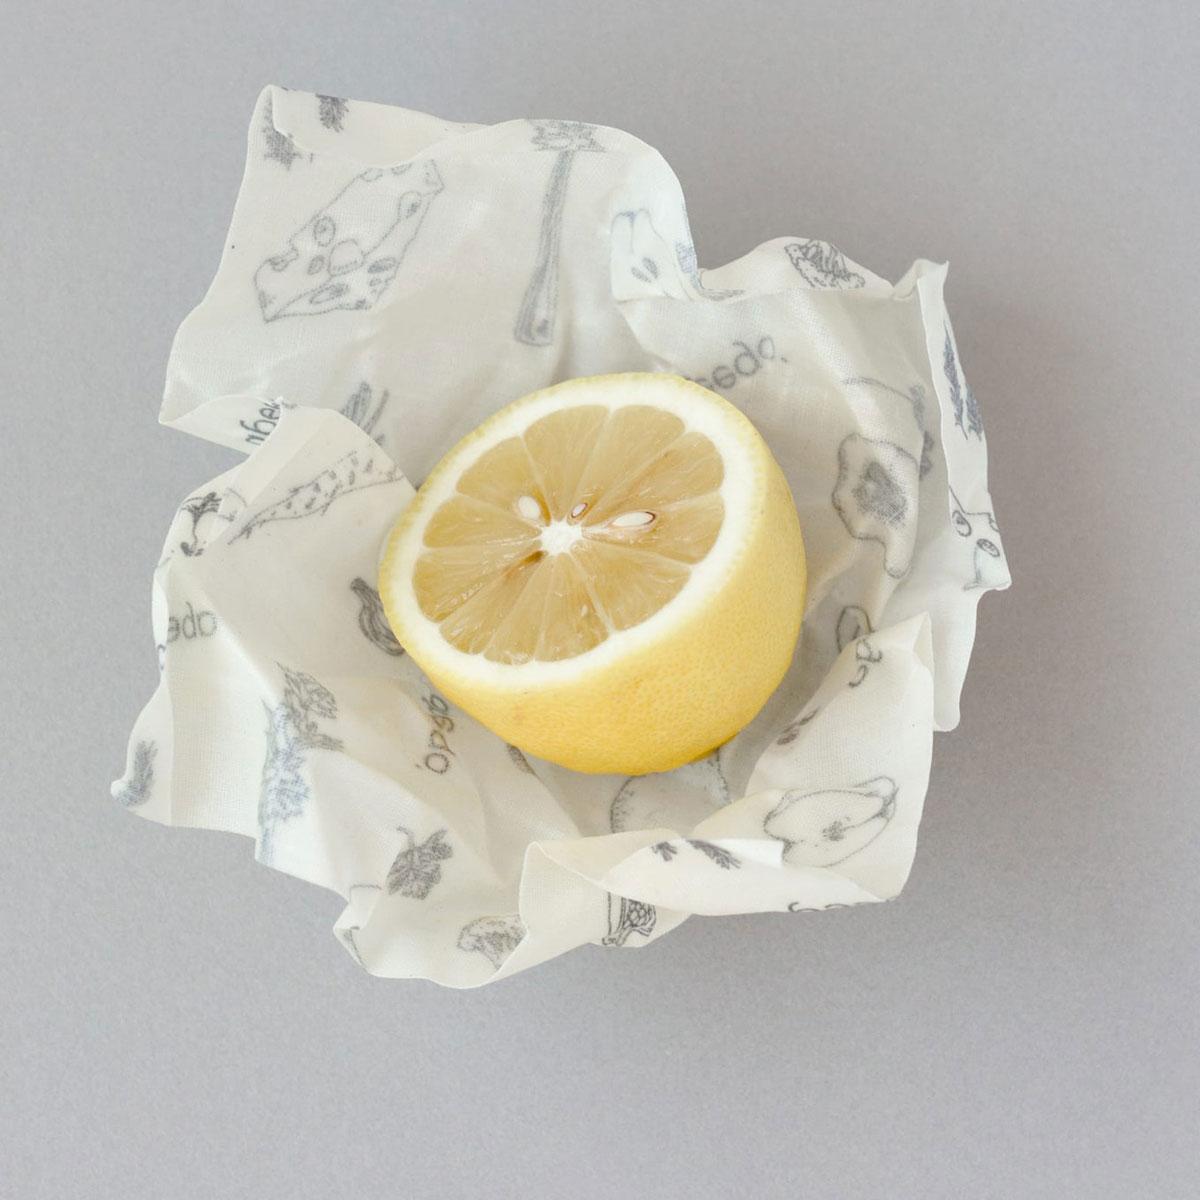 6 x Wiederverwendbare Frischhaltefolie Small (18 x 18 cm) von Abeego